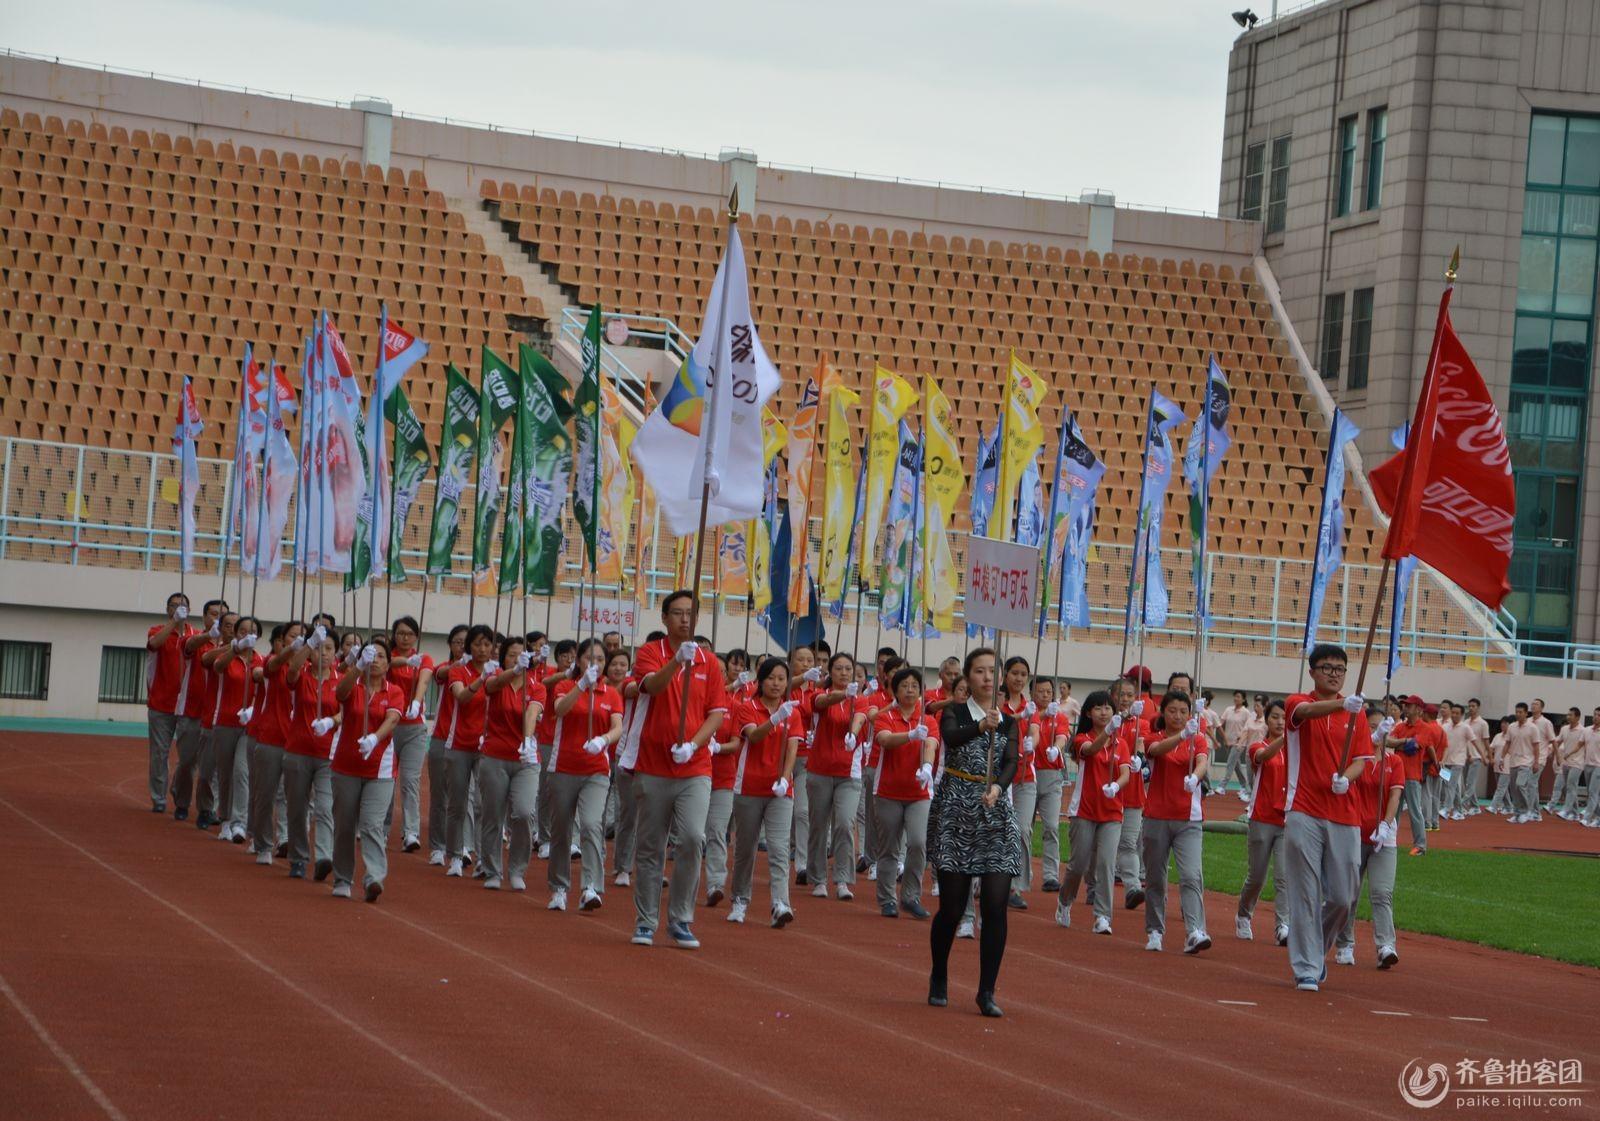 青岛华通集团第二届职工运动会在青岛天泰体育场隆重召开